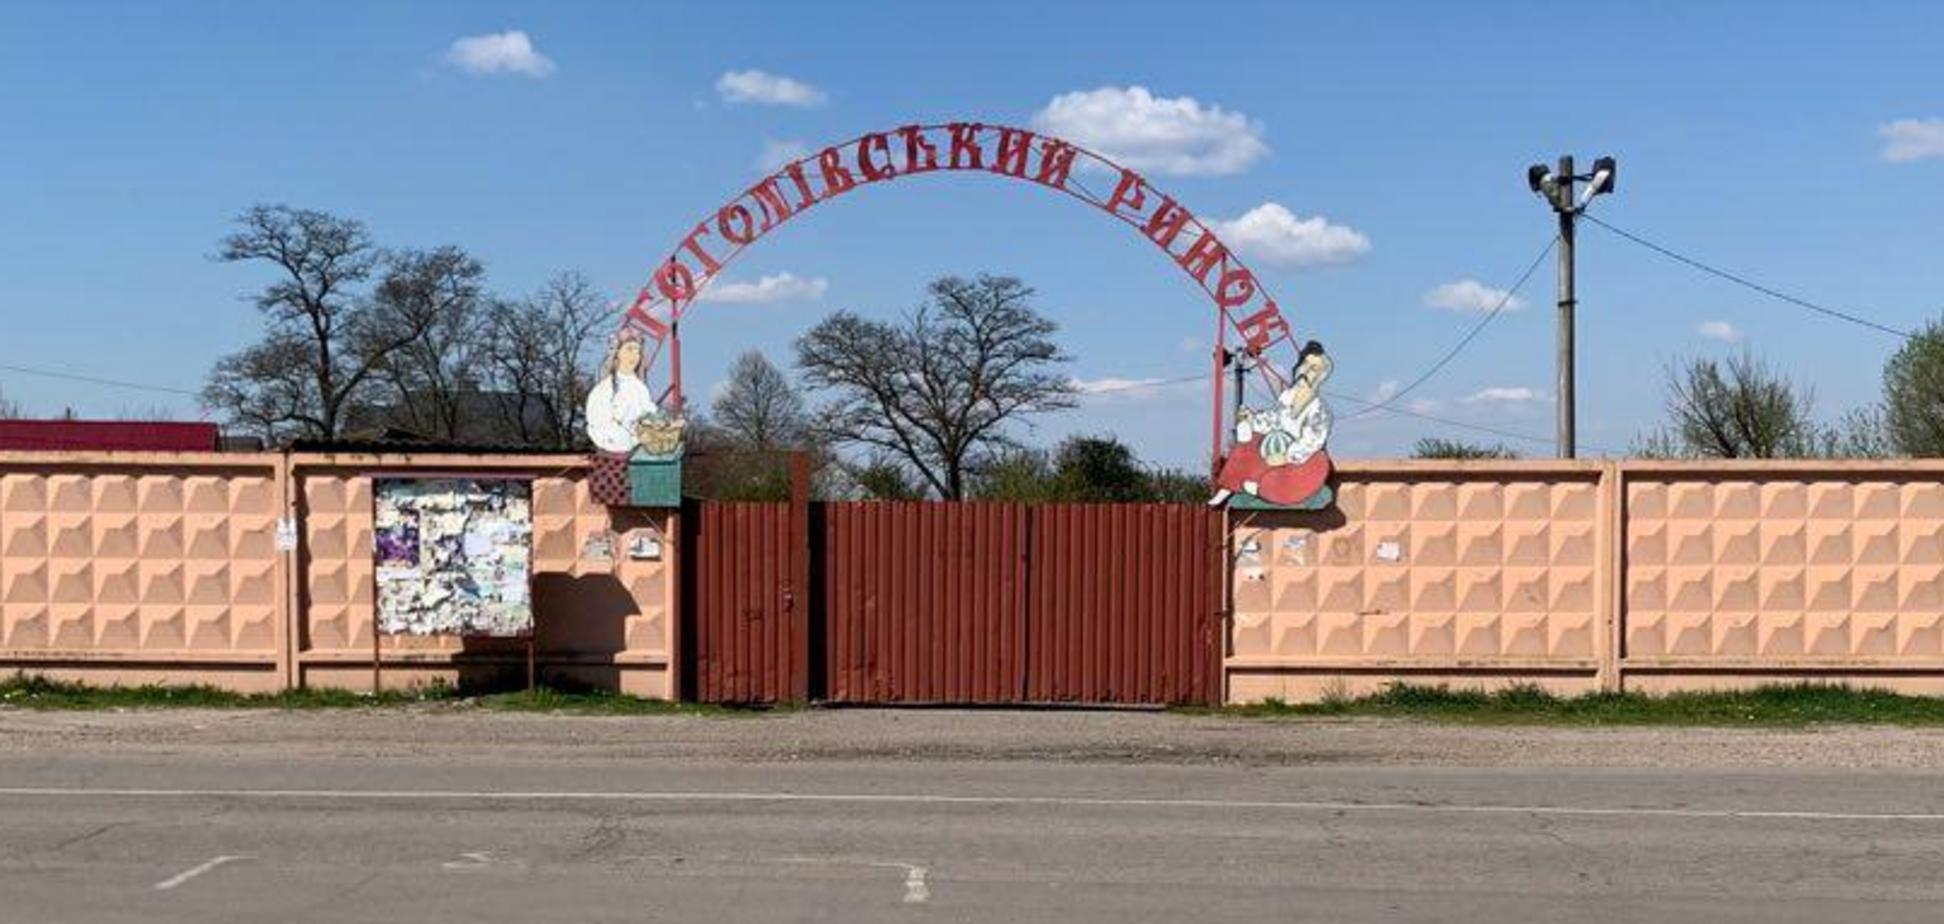 Гоголевский продовольственный рынок начнет работу в онлайн-режиме с начала мая